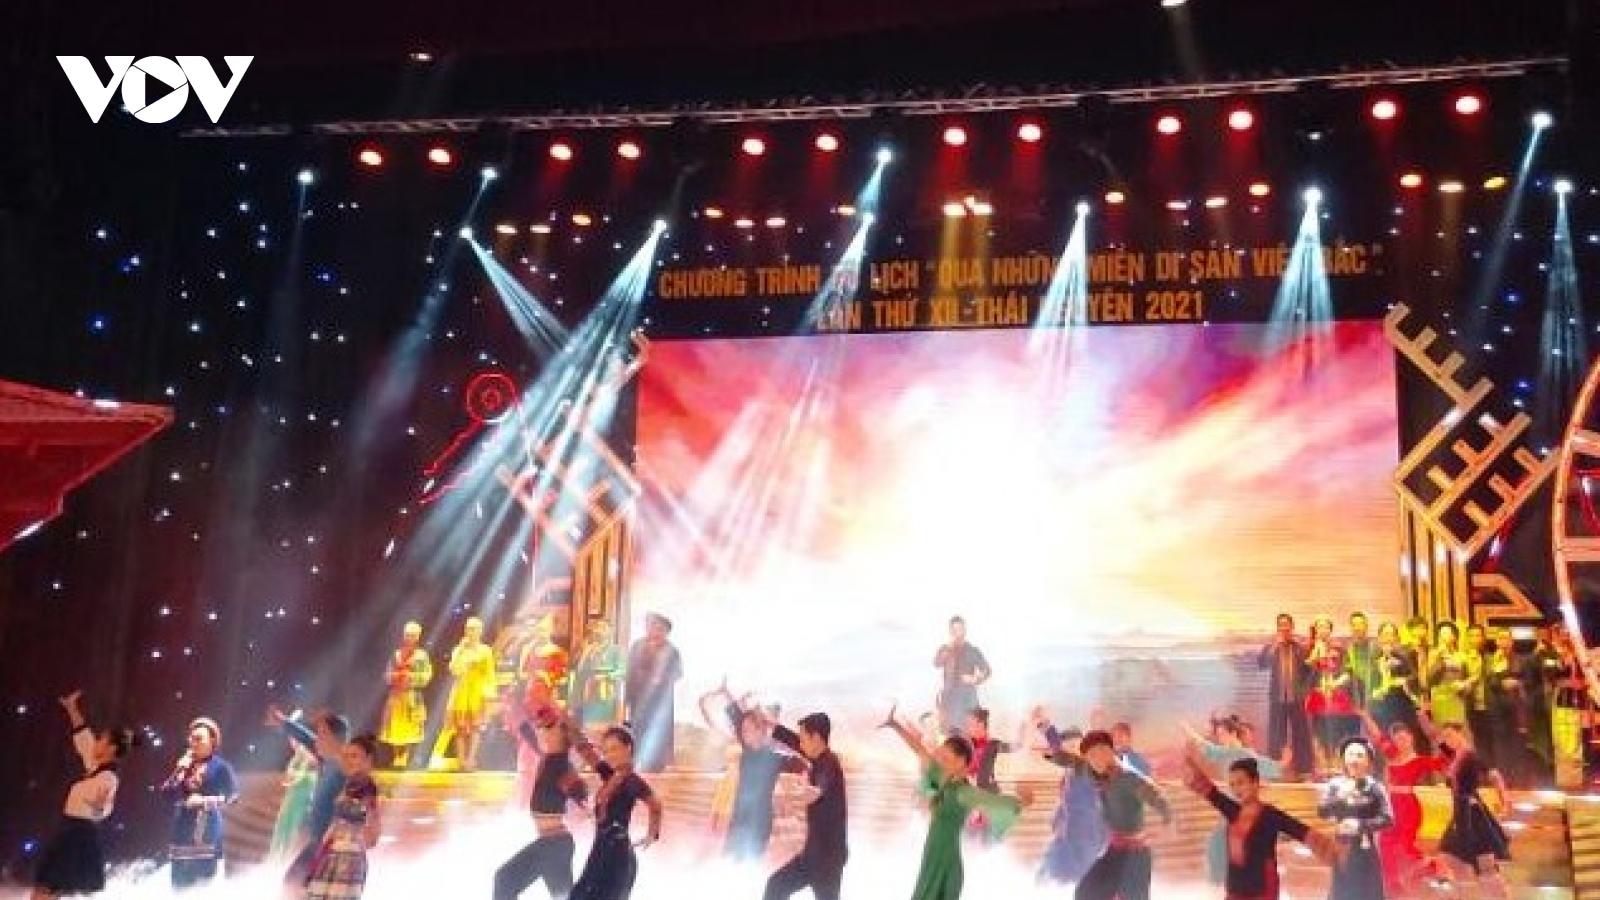 """Khai mạc Chương trình du lịch """"Qua miền di sản Việt Bắc"""" tại Thái Nguyên"""